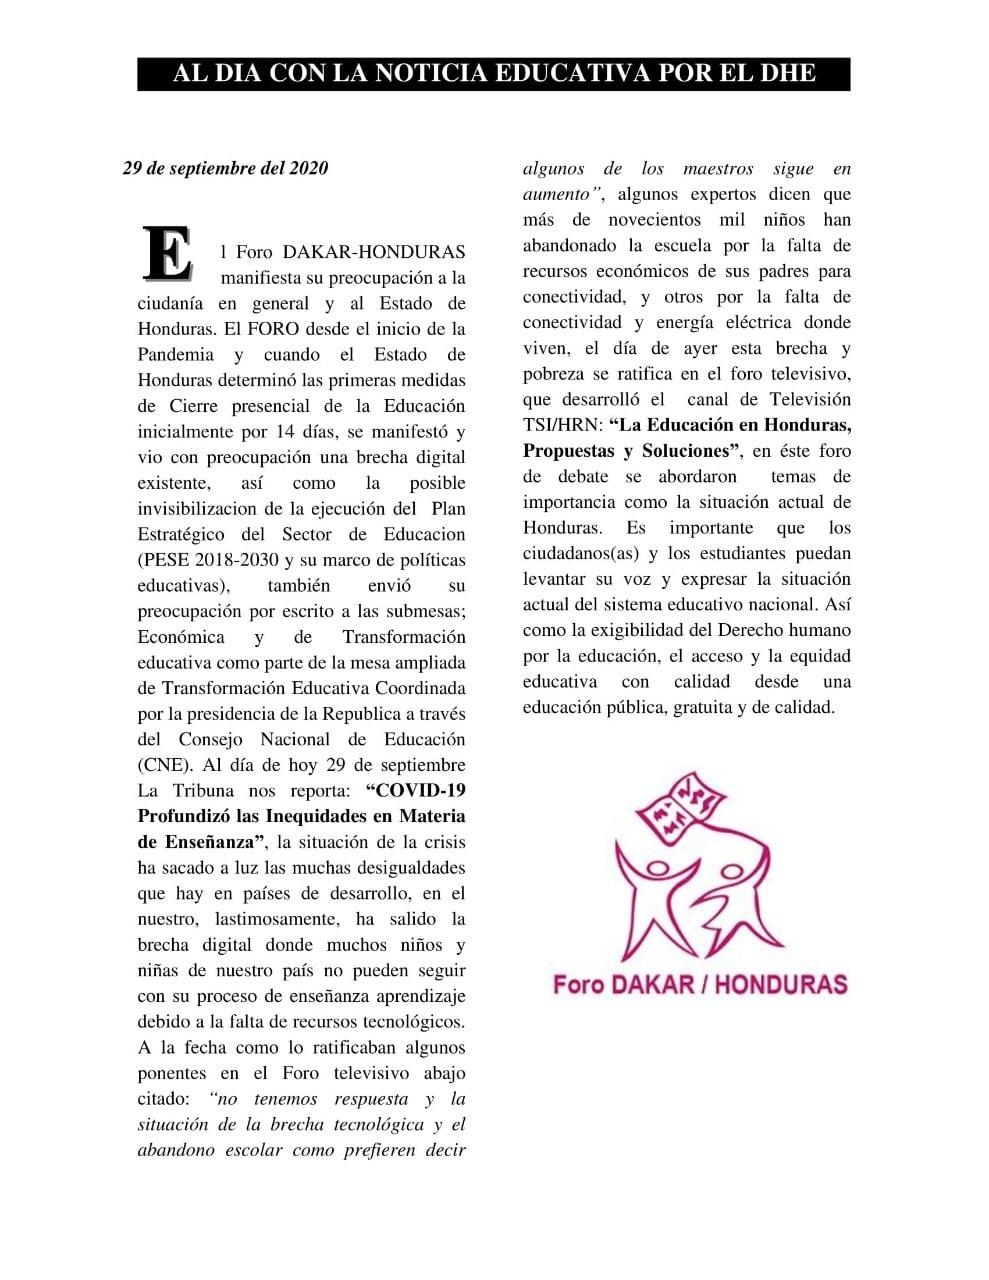 Articulo 29 de septiembre 2020